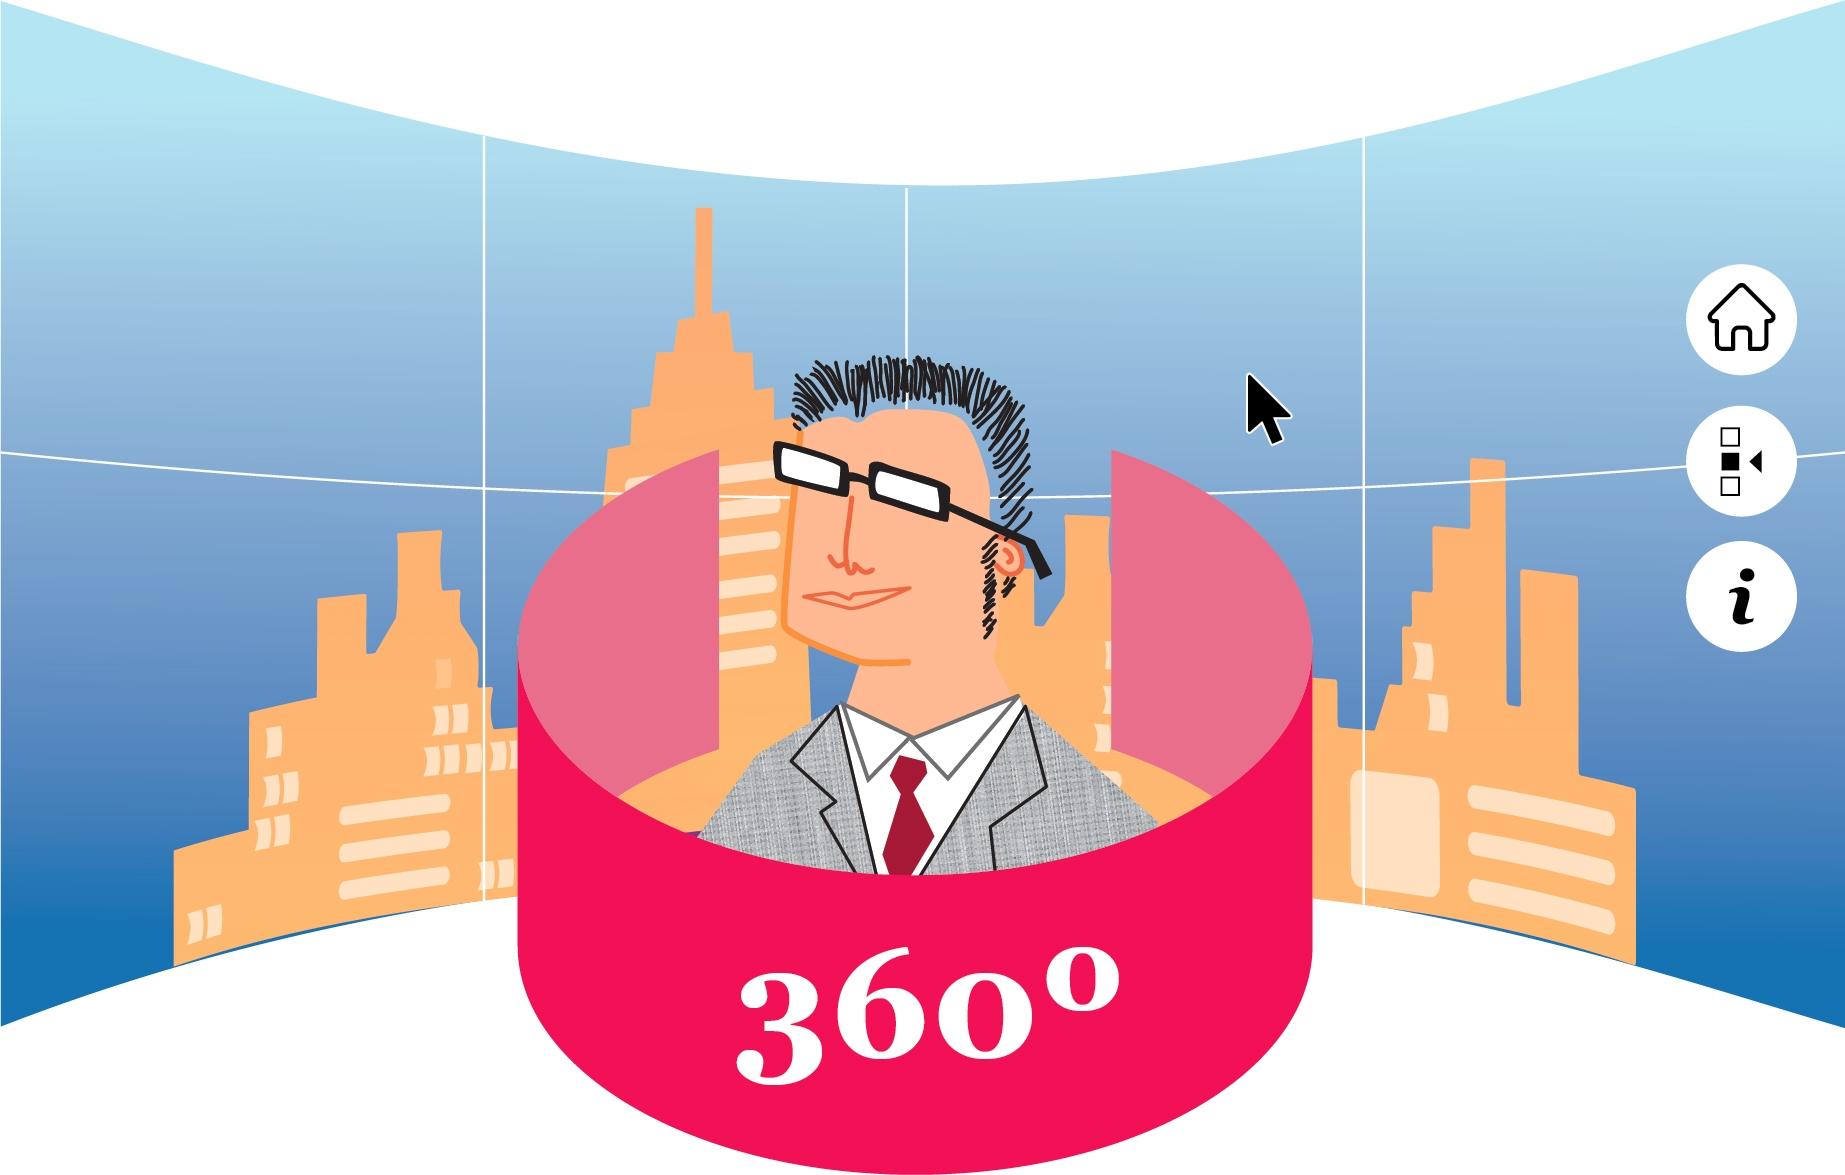 entornos 360